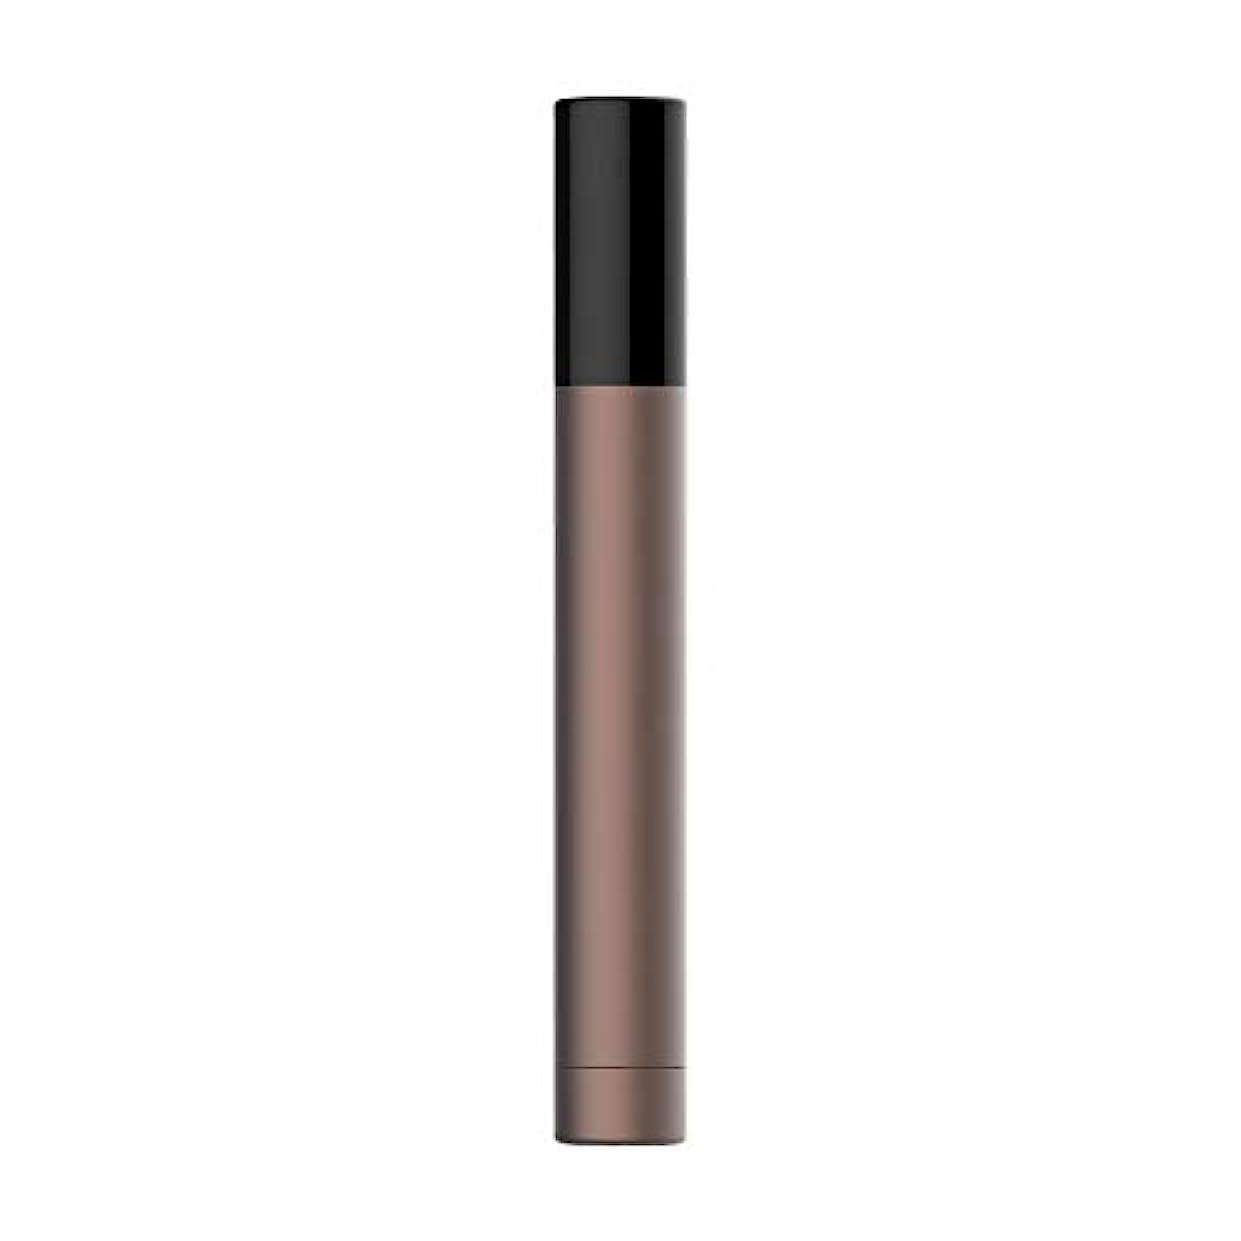 フェザーブースターミナル鼻毛トリマー-密閉防水効果/シングルカッターヘッドシャープで耐久性のある/男性用剃毛鼻毛はさみ/ポータブルデザイン、旅行に便利/ 12.9 * 1.65cm 使いやすい